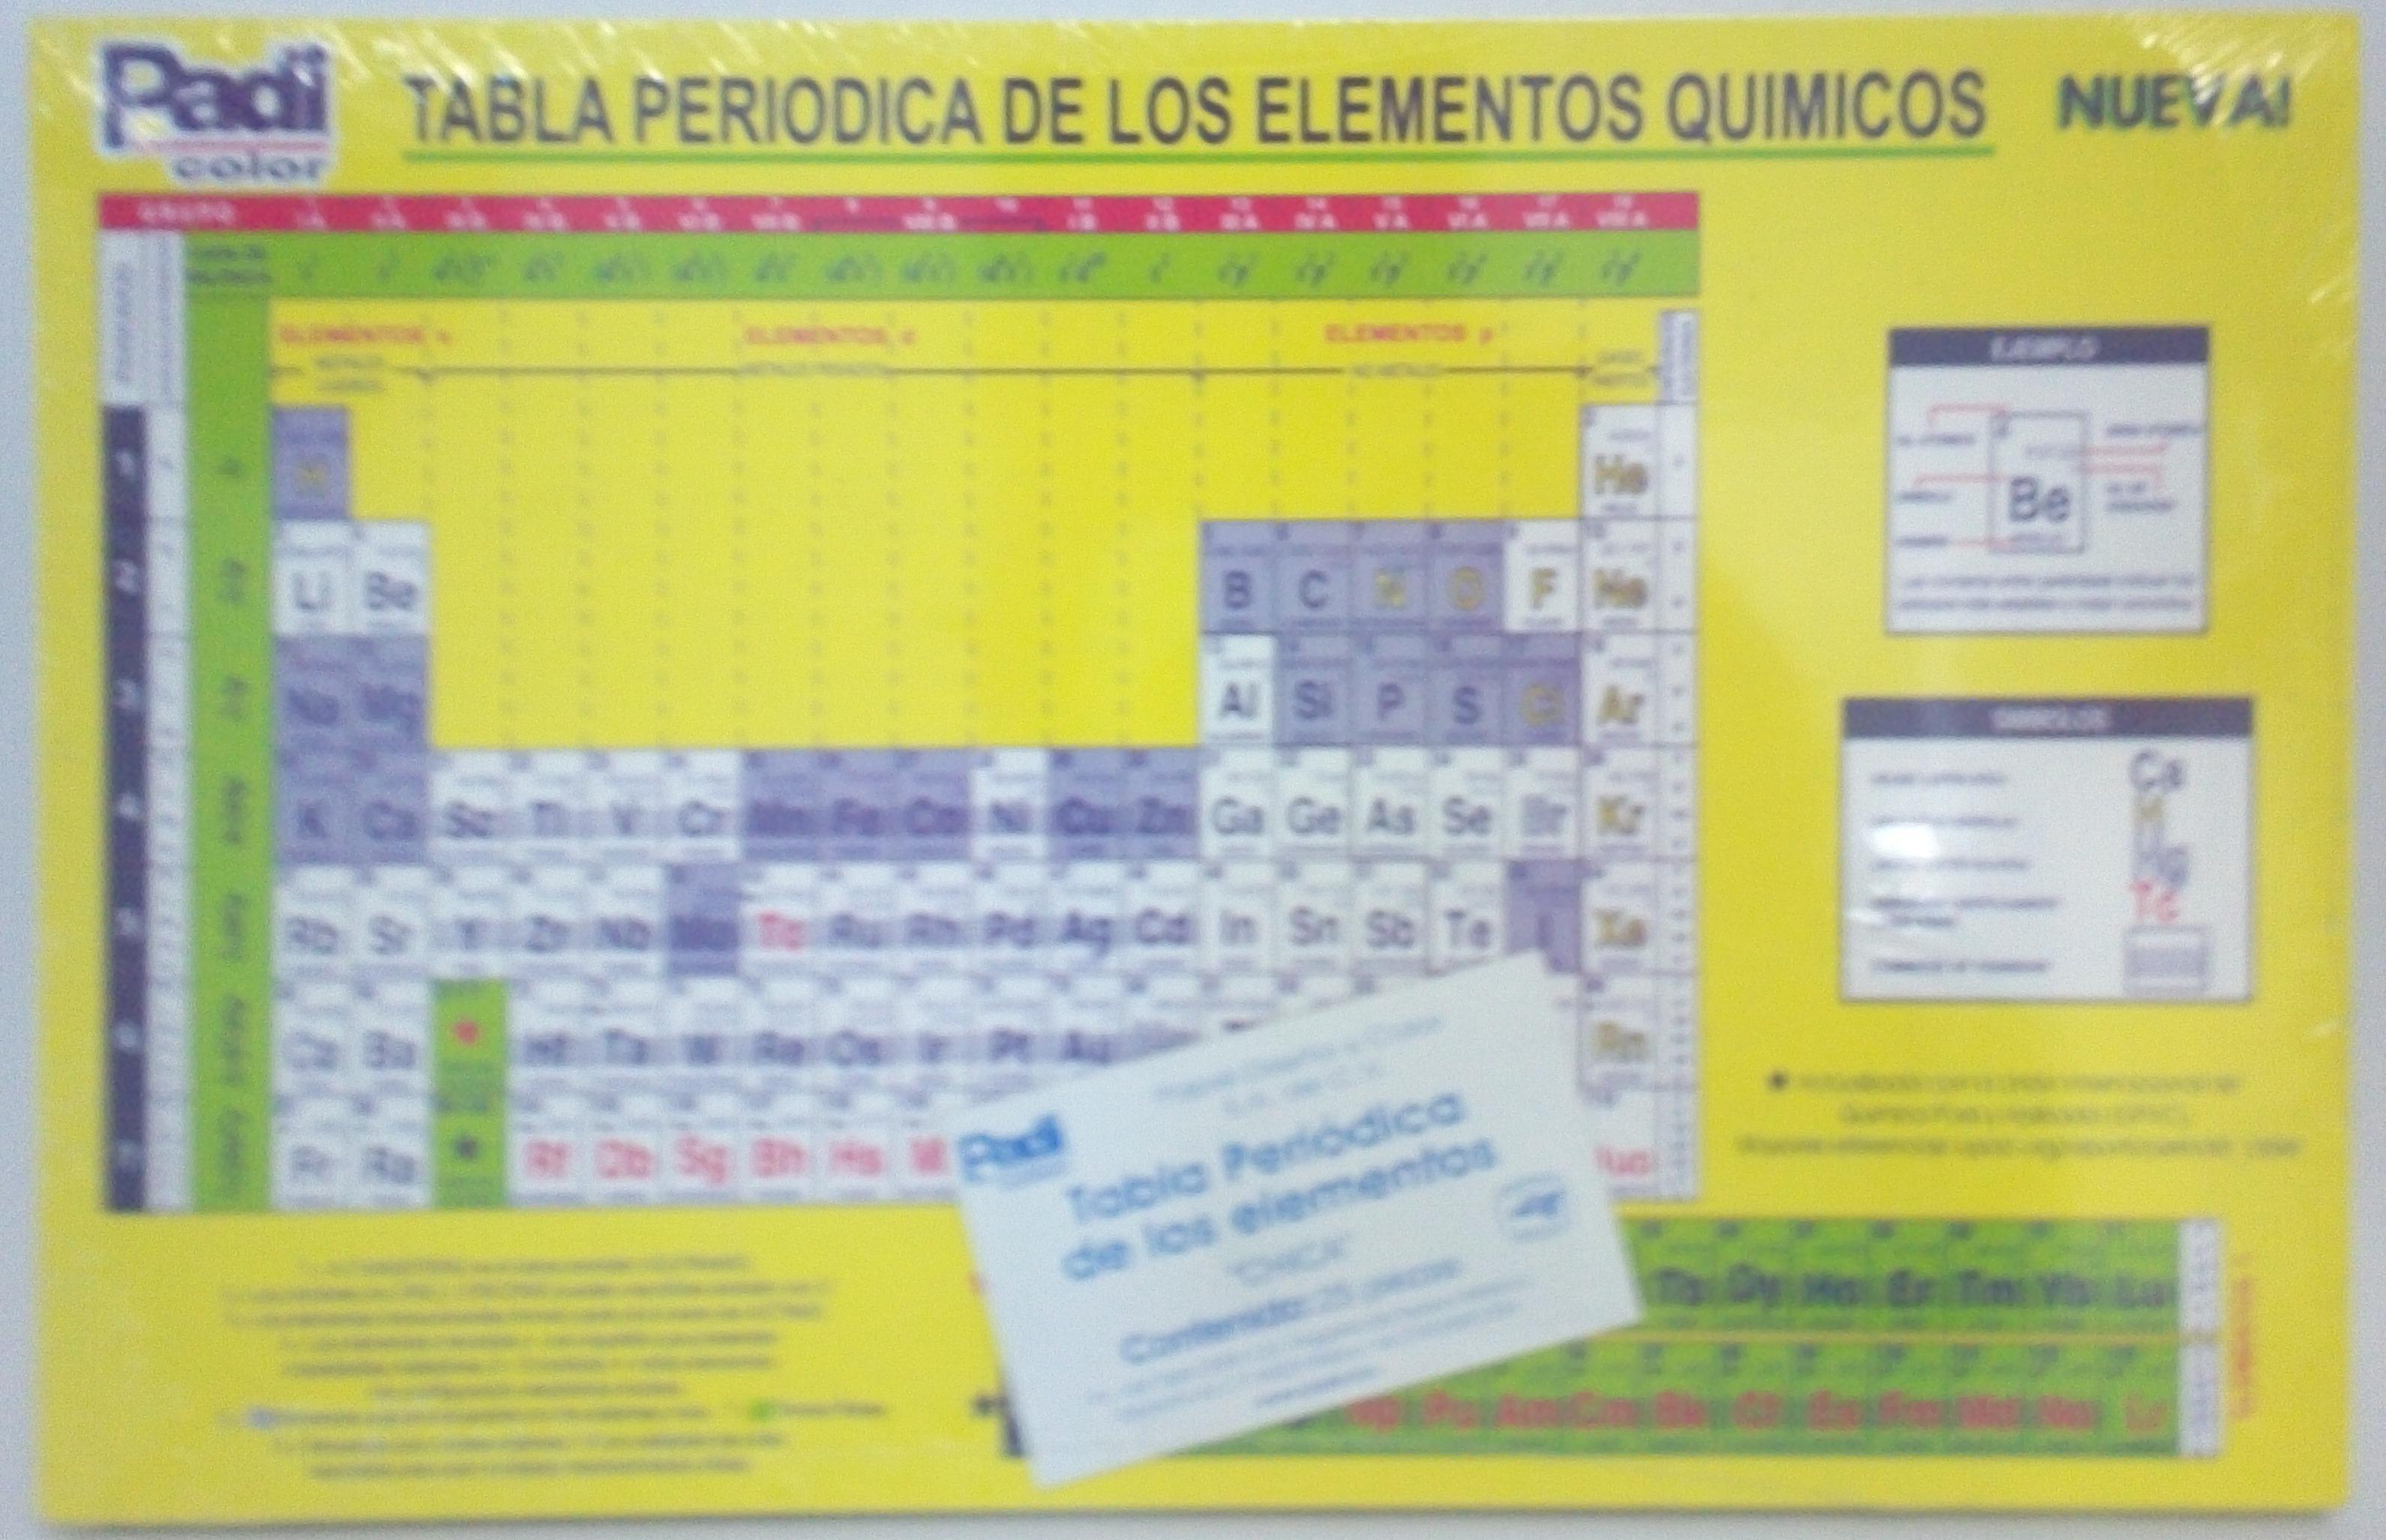 tabla periodica padi chica uv c25 - Tabla Periodica Bob